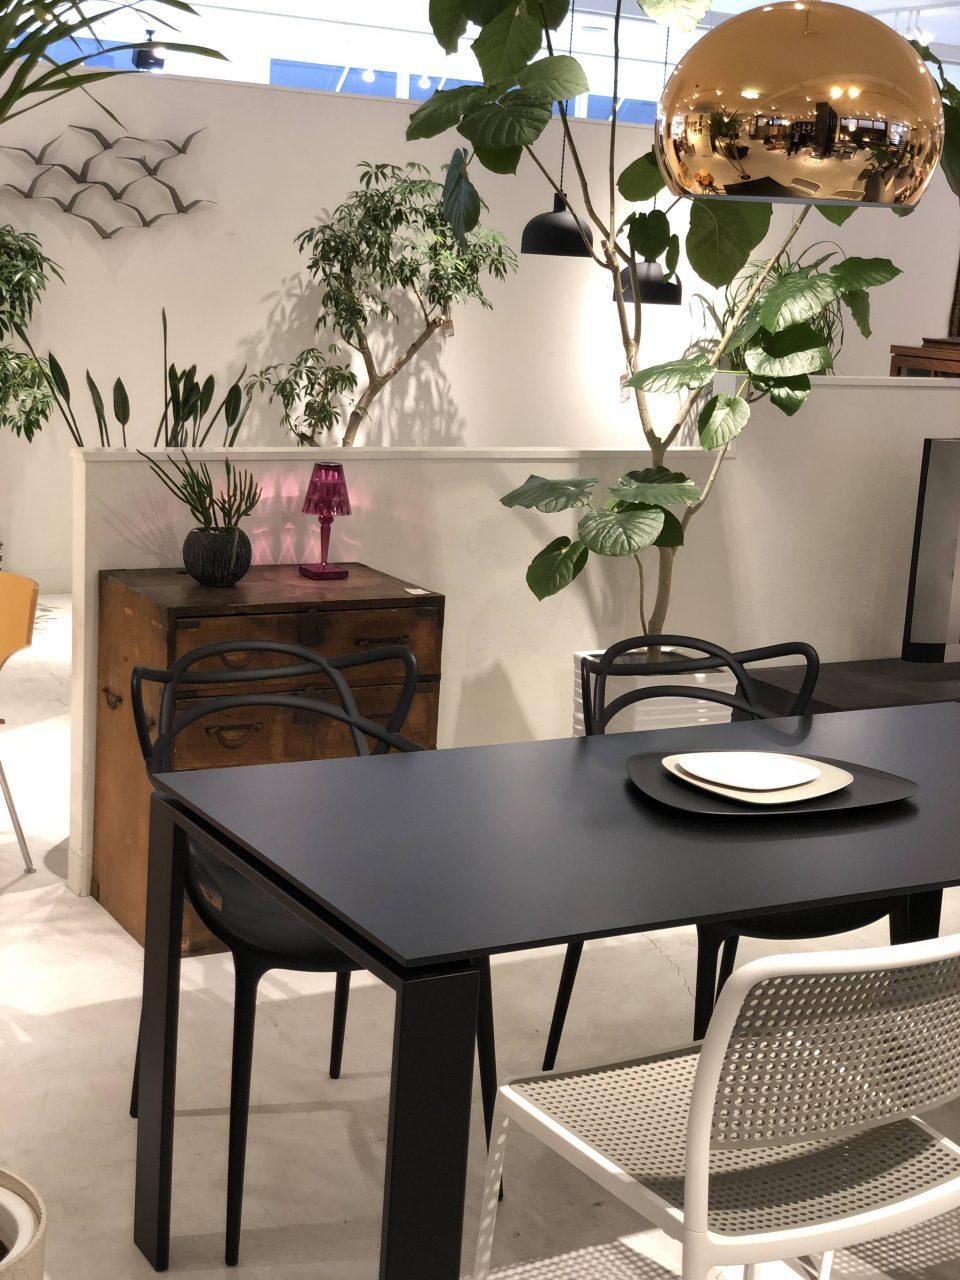 カルテルのダイニングテーブル・フォーとマスターズチェアと時代物の箪笥を新潟市のインテリアショップで合わせました